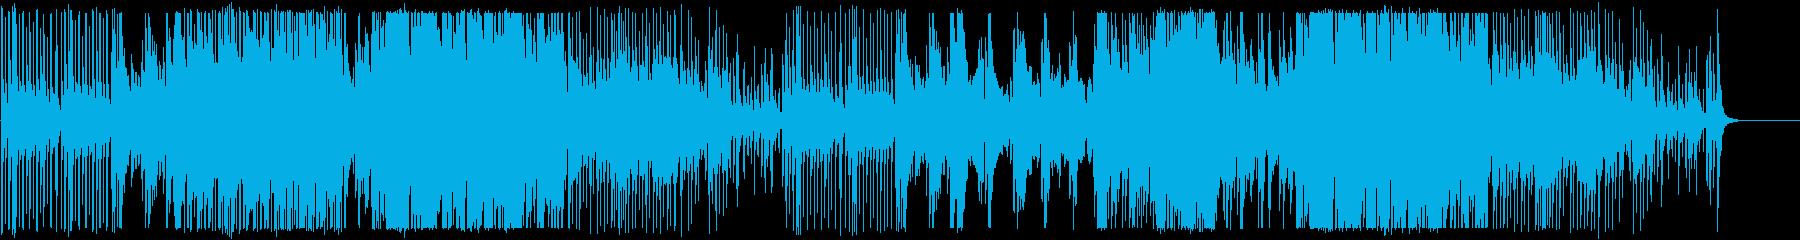 三味線のかっこいい和風、尺八ソロあり版の再生済みの波形